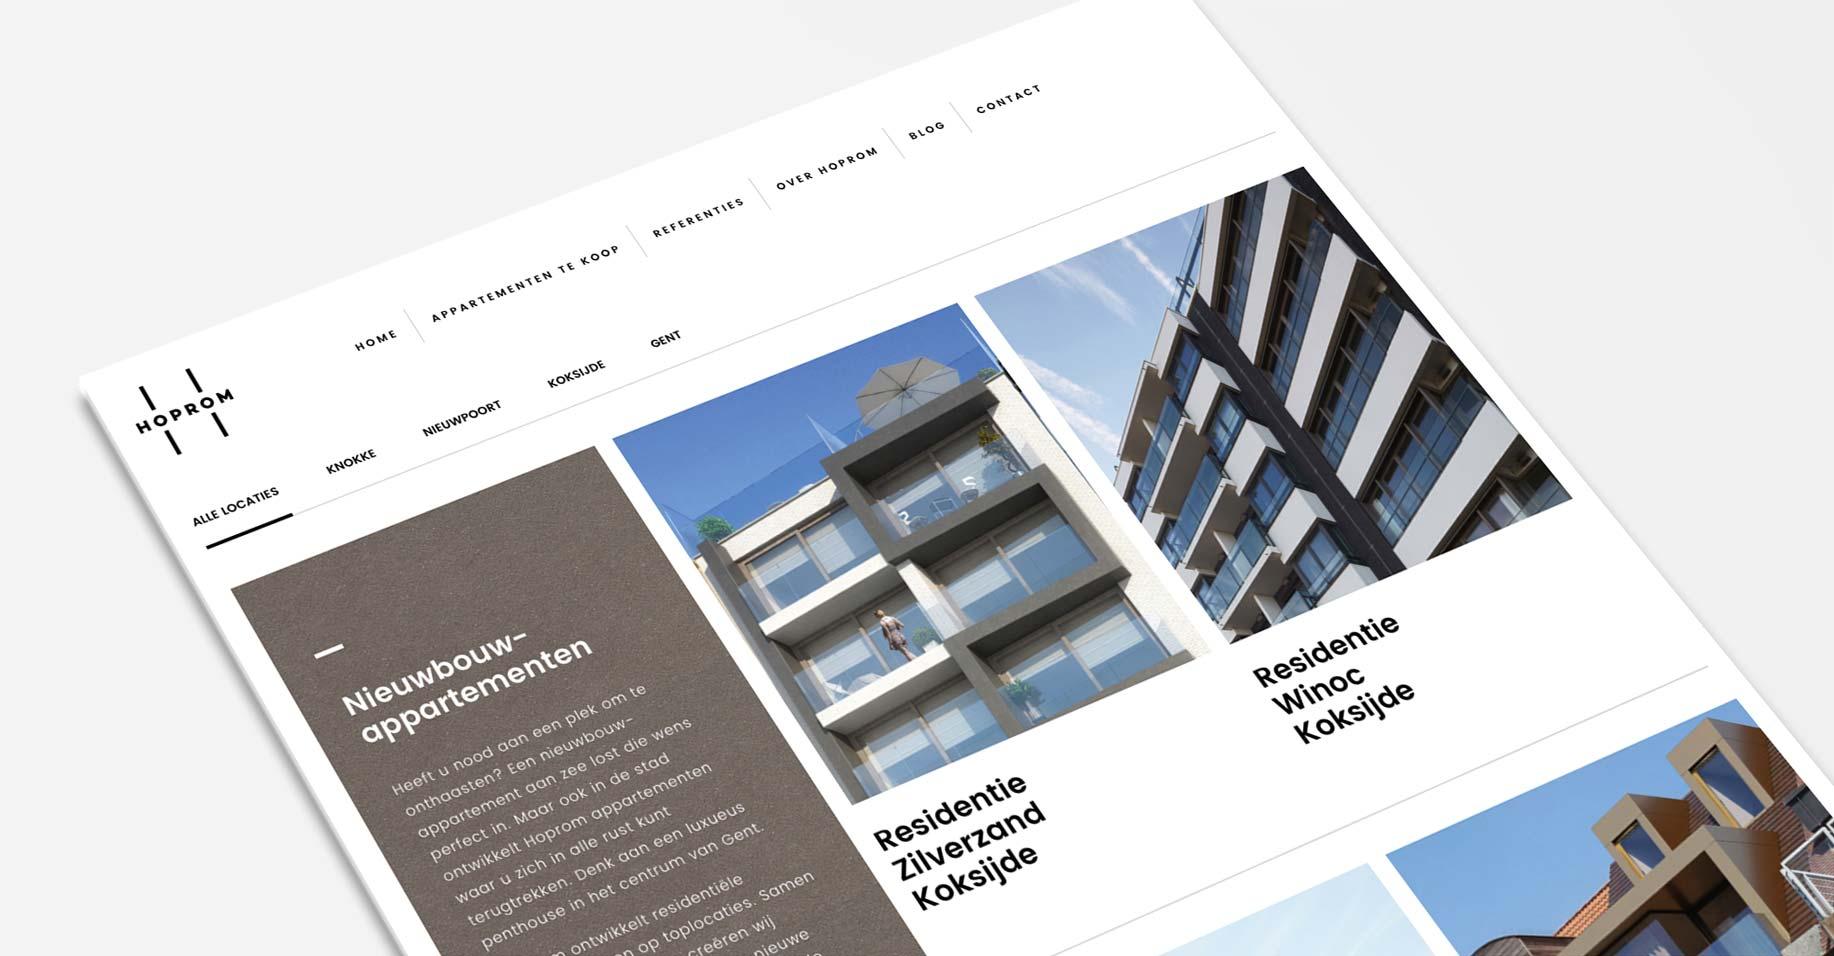 webshop for real estate